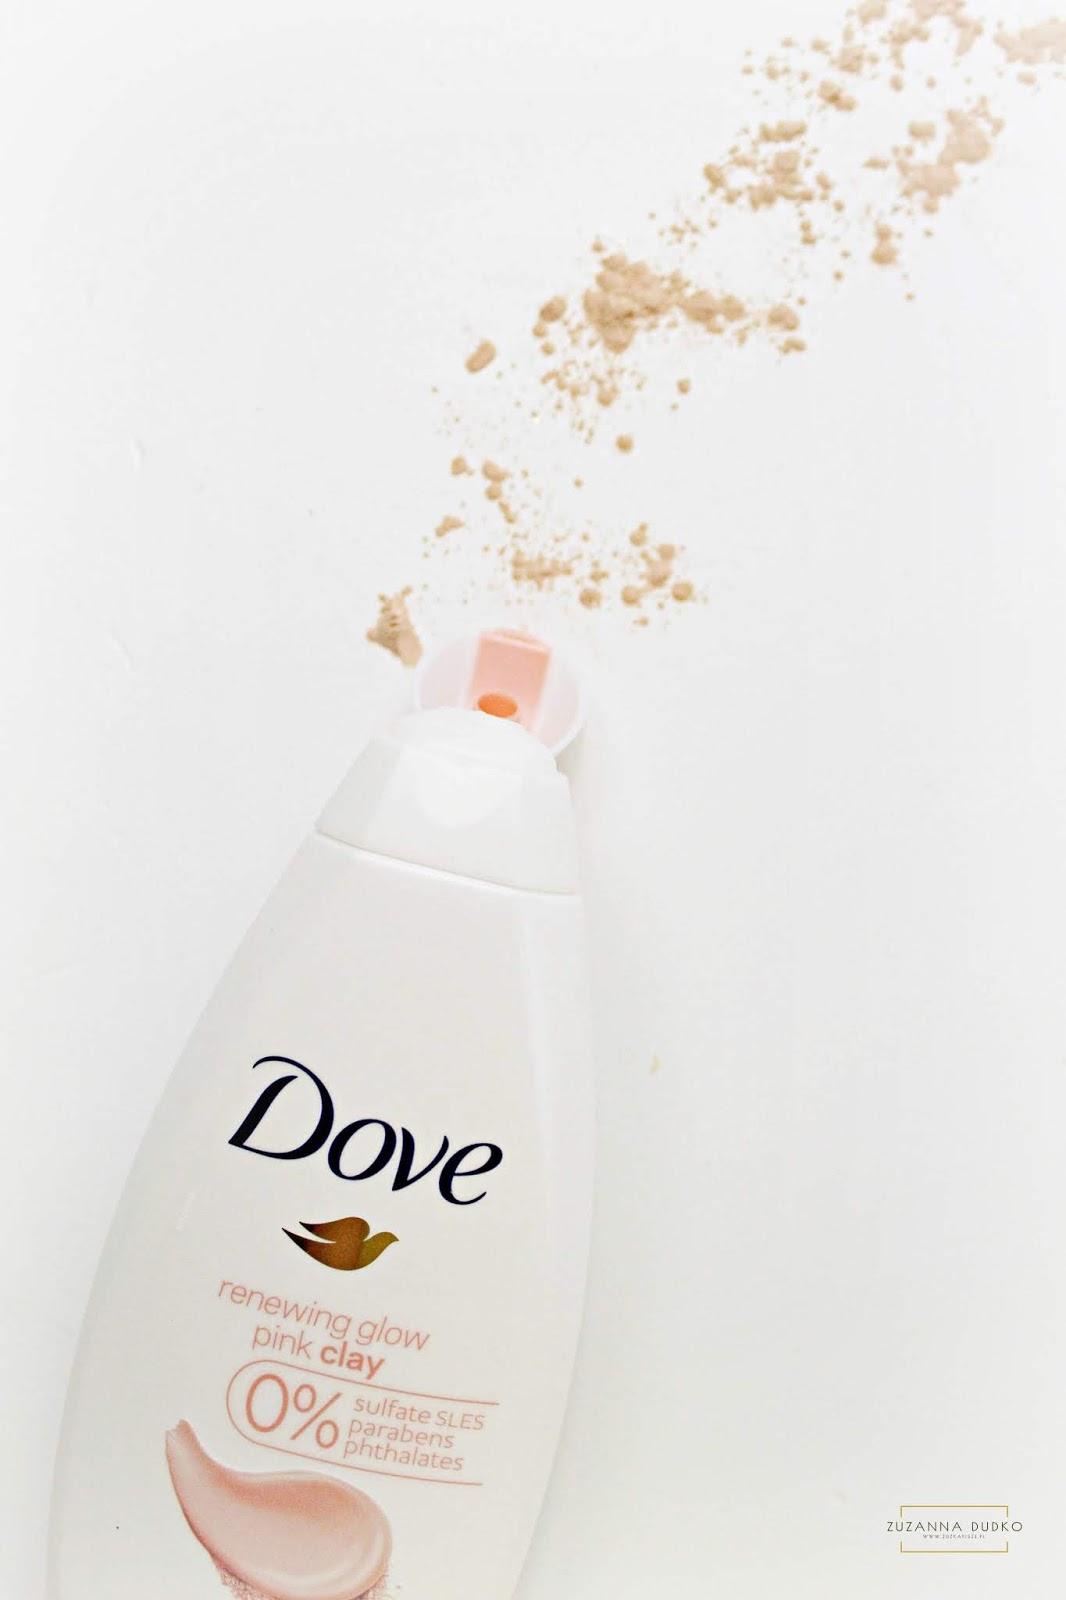 Dove, żel pod prysznic z różową glinką